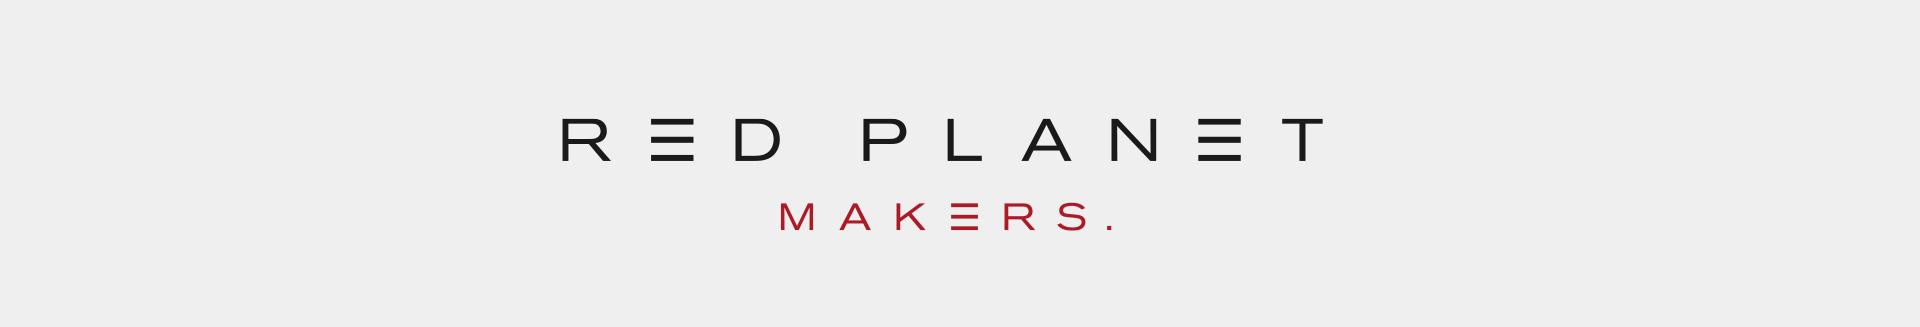 Principle brand agency Dublin Red Planet Branding Project logo brandmark makers